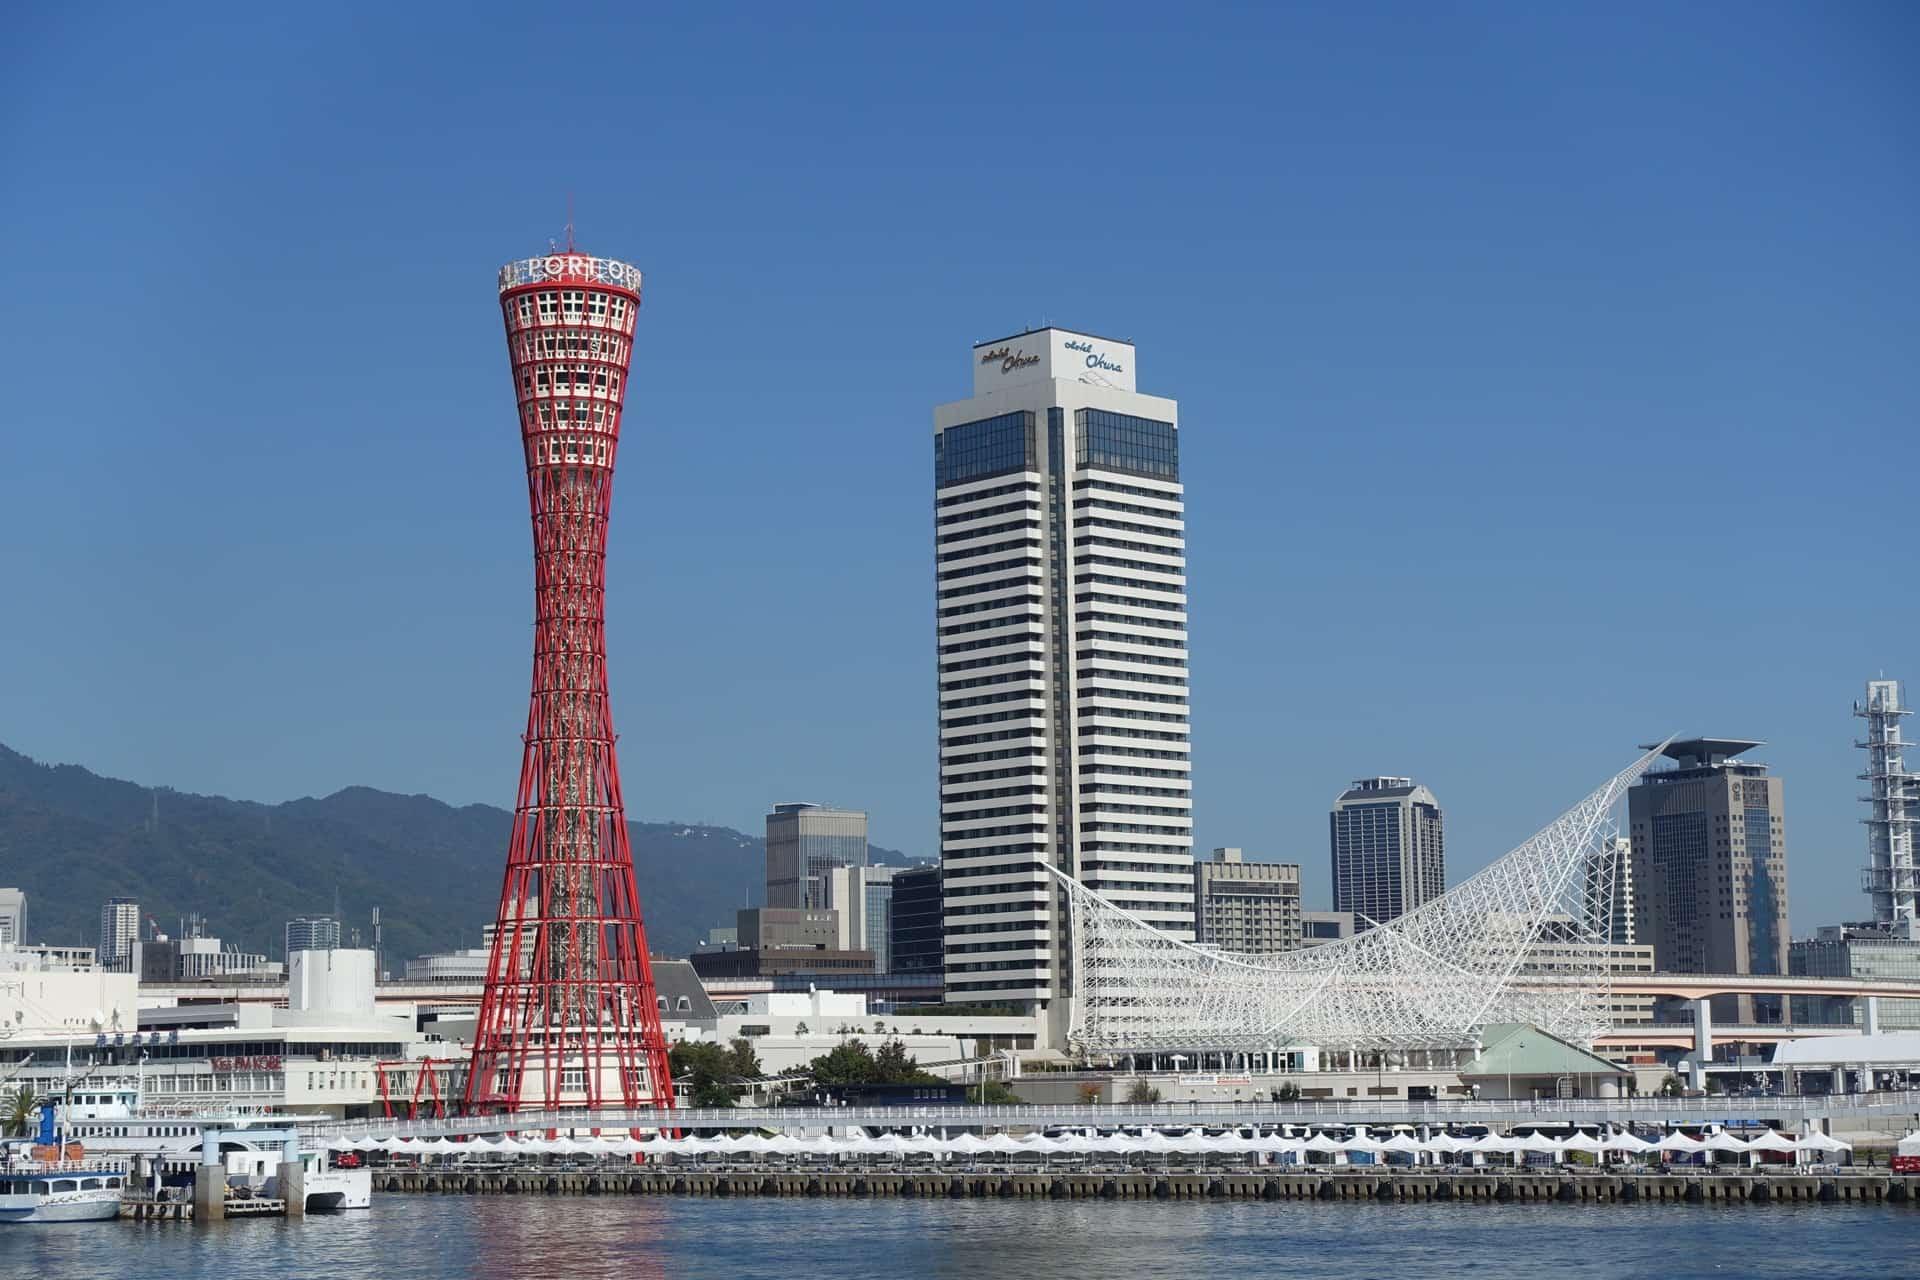 【2018年11月】神戸で開催されるイベント一覧✔️おすすめ&注目イベントをチェックして出かけよう♪